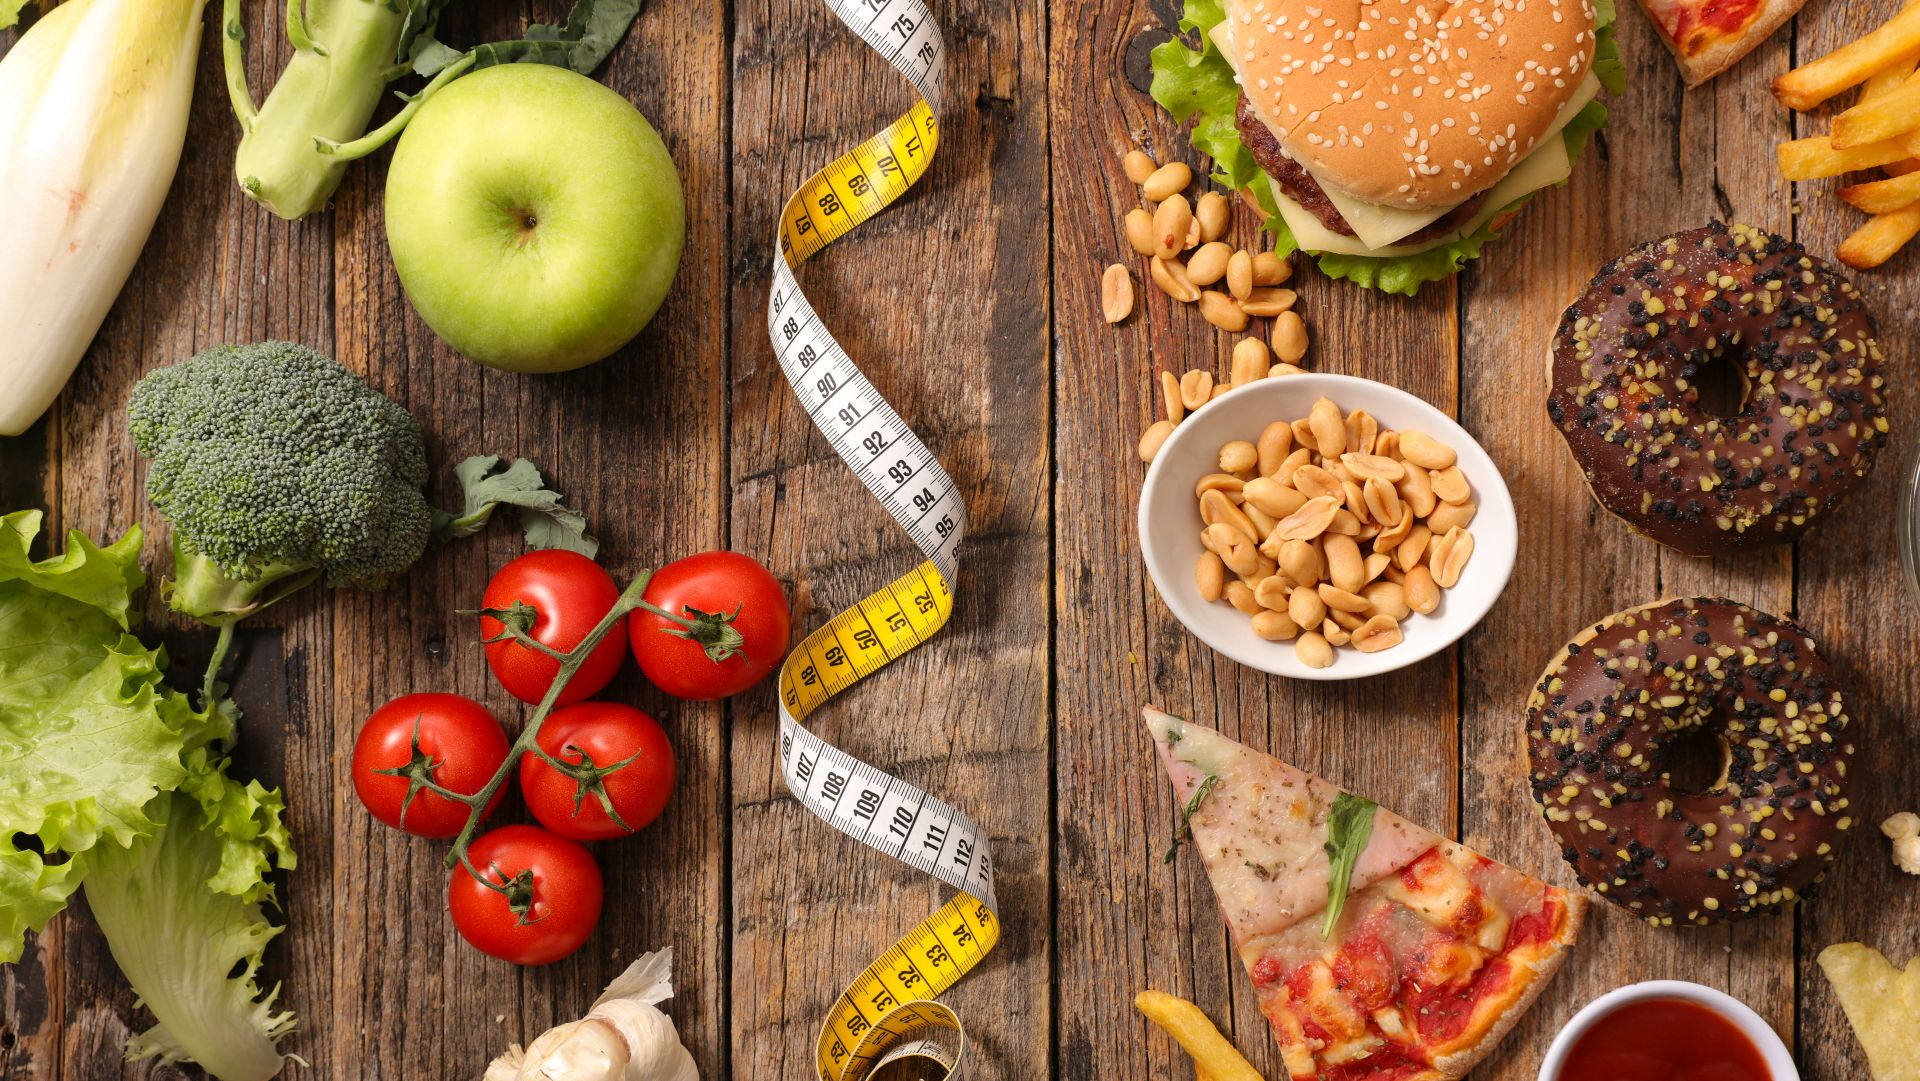 Hipercholesterolemia - dieta oparta na zdrowych tłuszczach, sterolach roślinnych, warzywach i owocach oraz zbilansowanych posiłkach to profilaktyka obniżania cholesterolu.